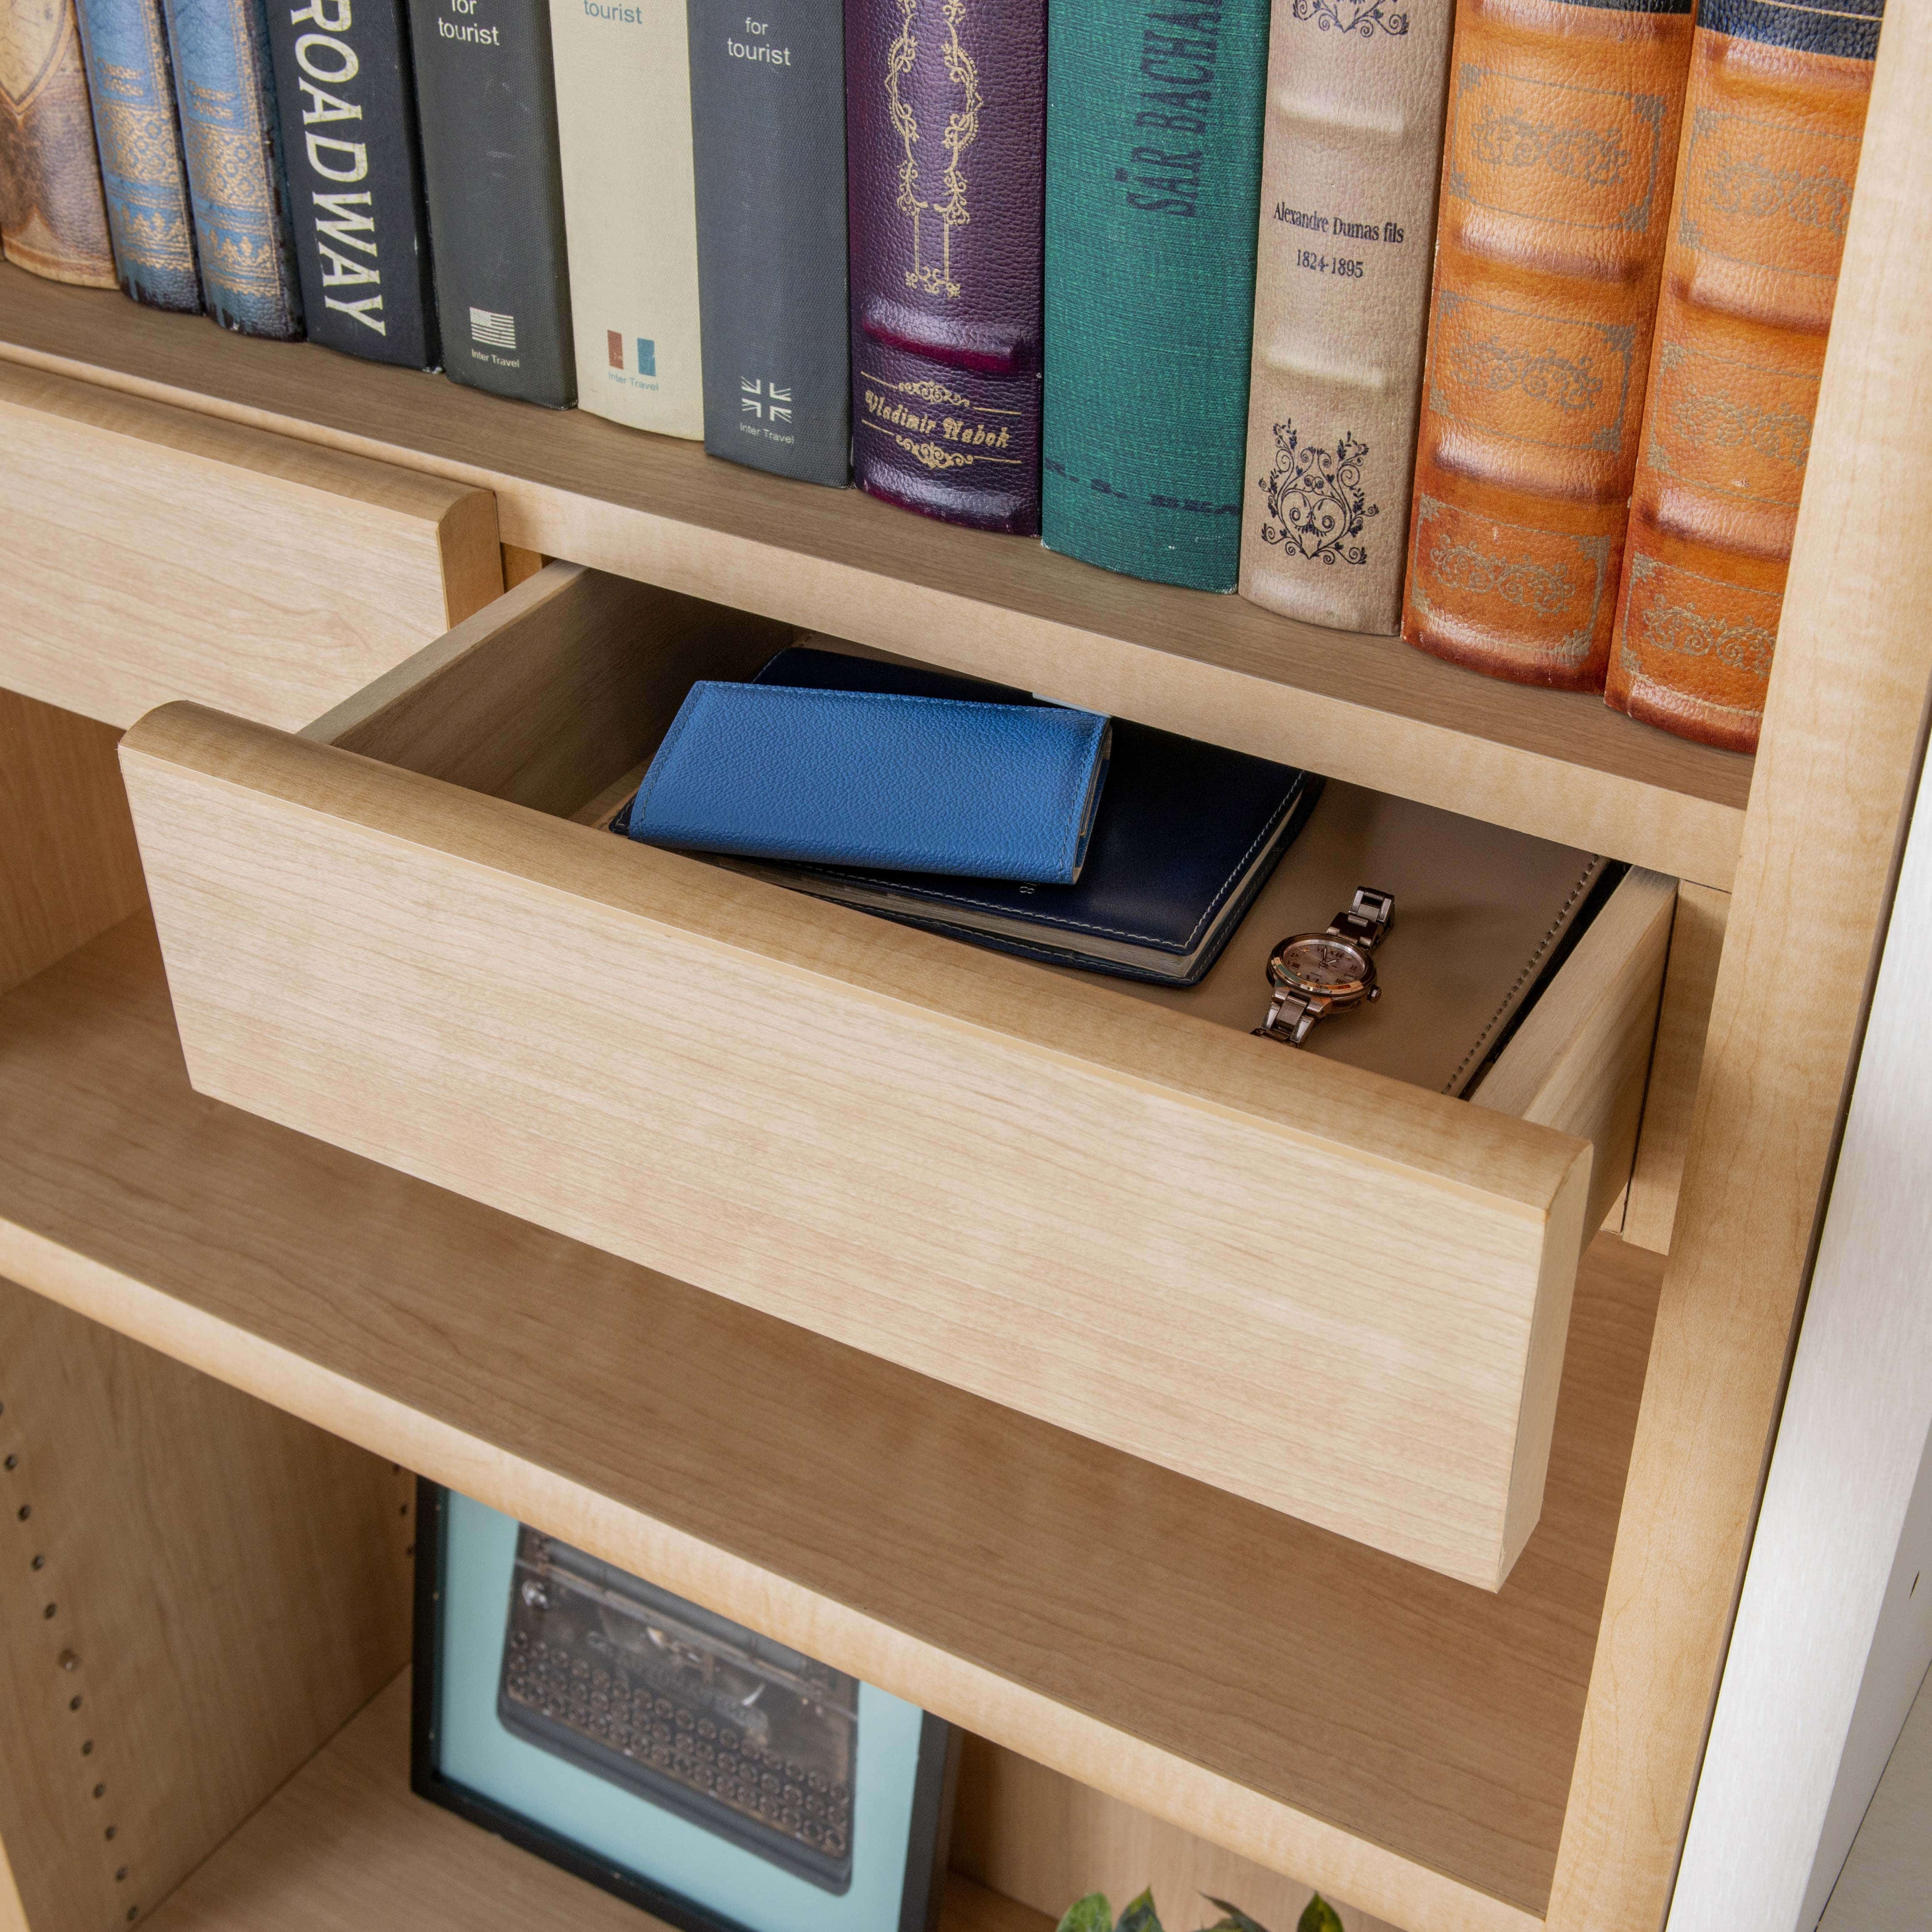 小島工芸 書棚 アコード70H(ホワイト):収納の幅を広げるオプション引き出し